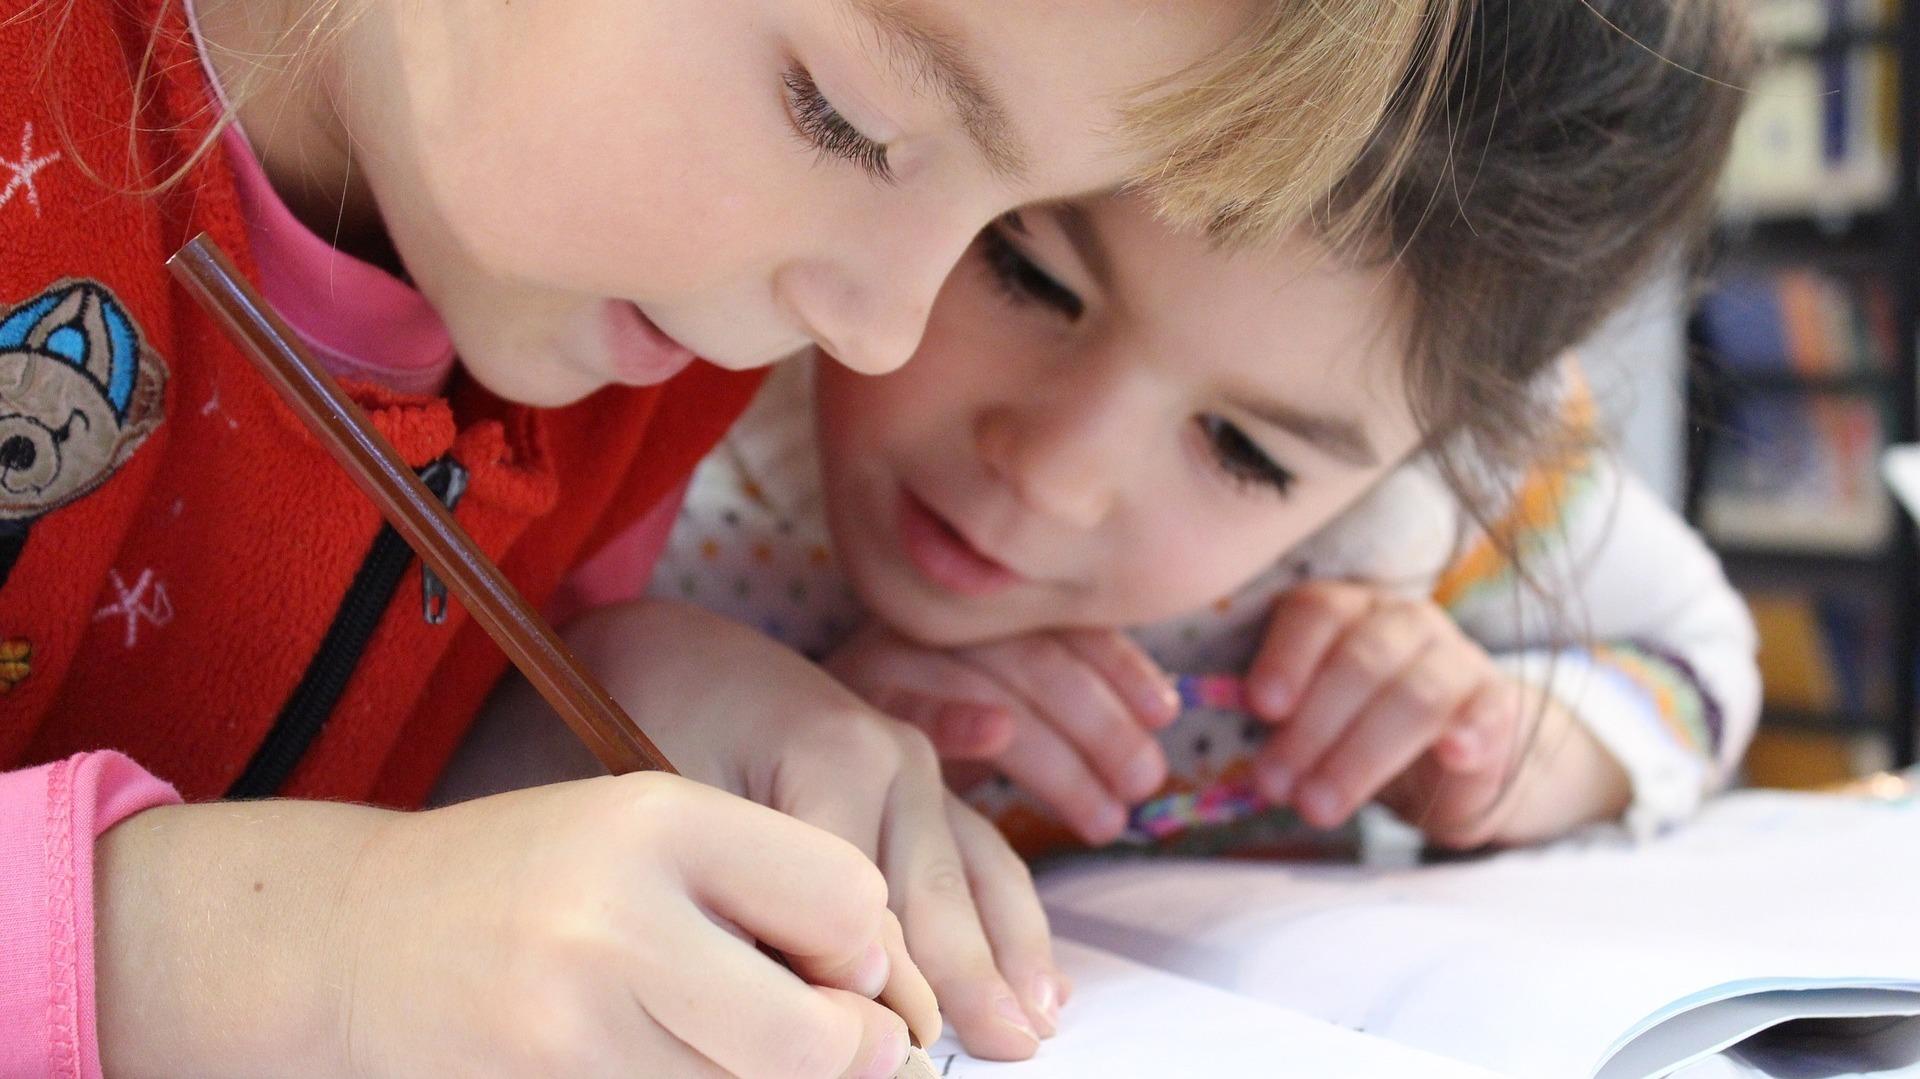 bilan psychologique chez l'enfant